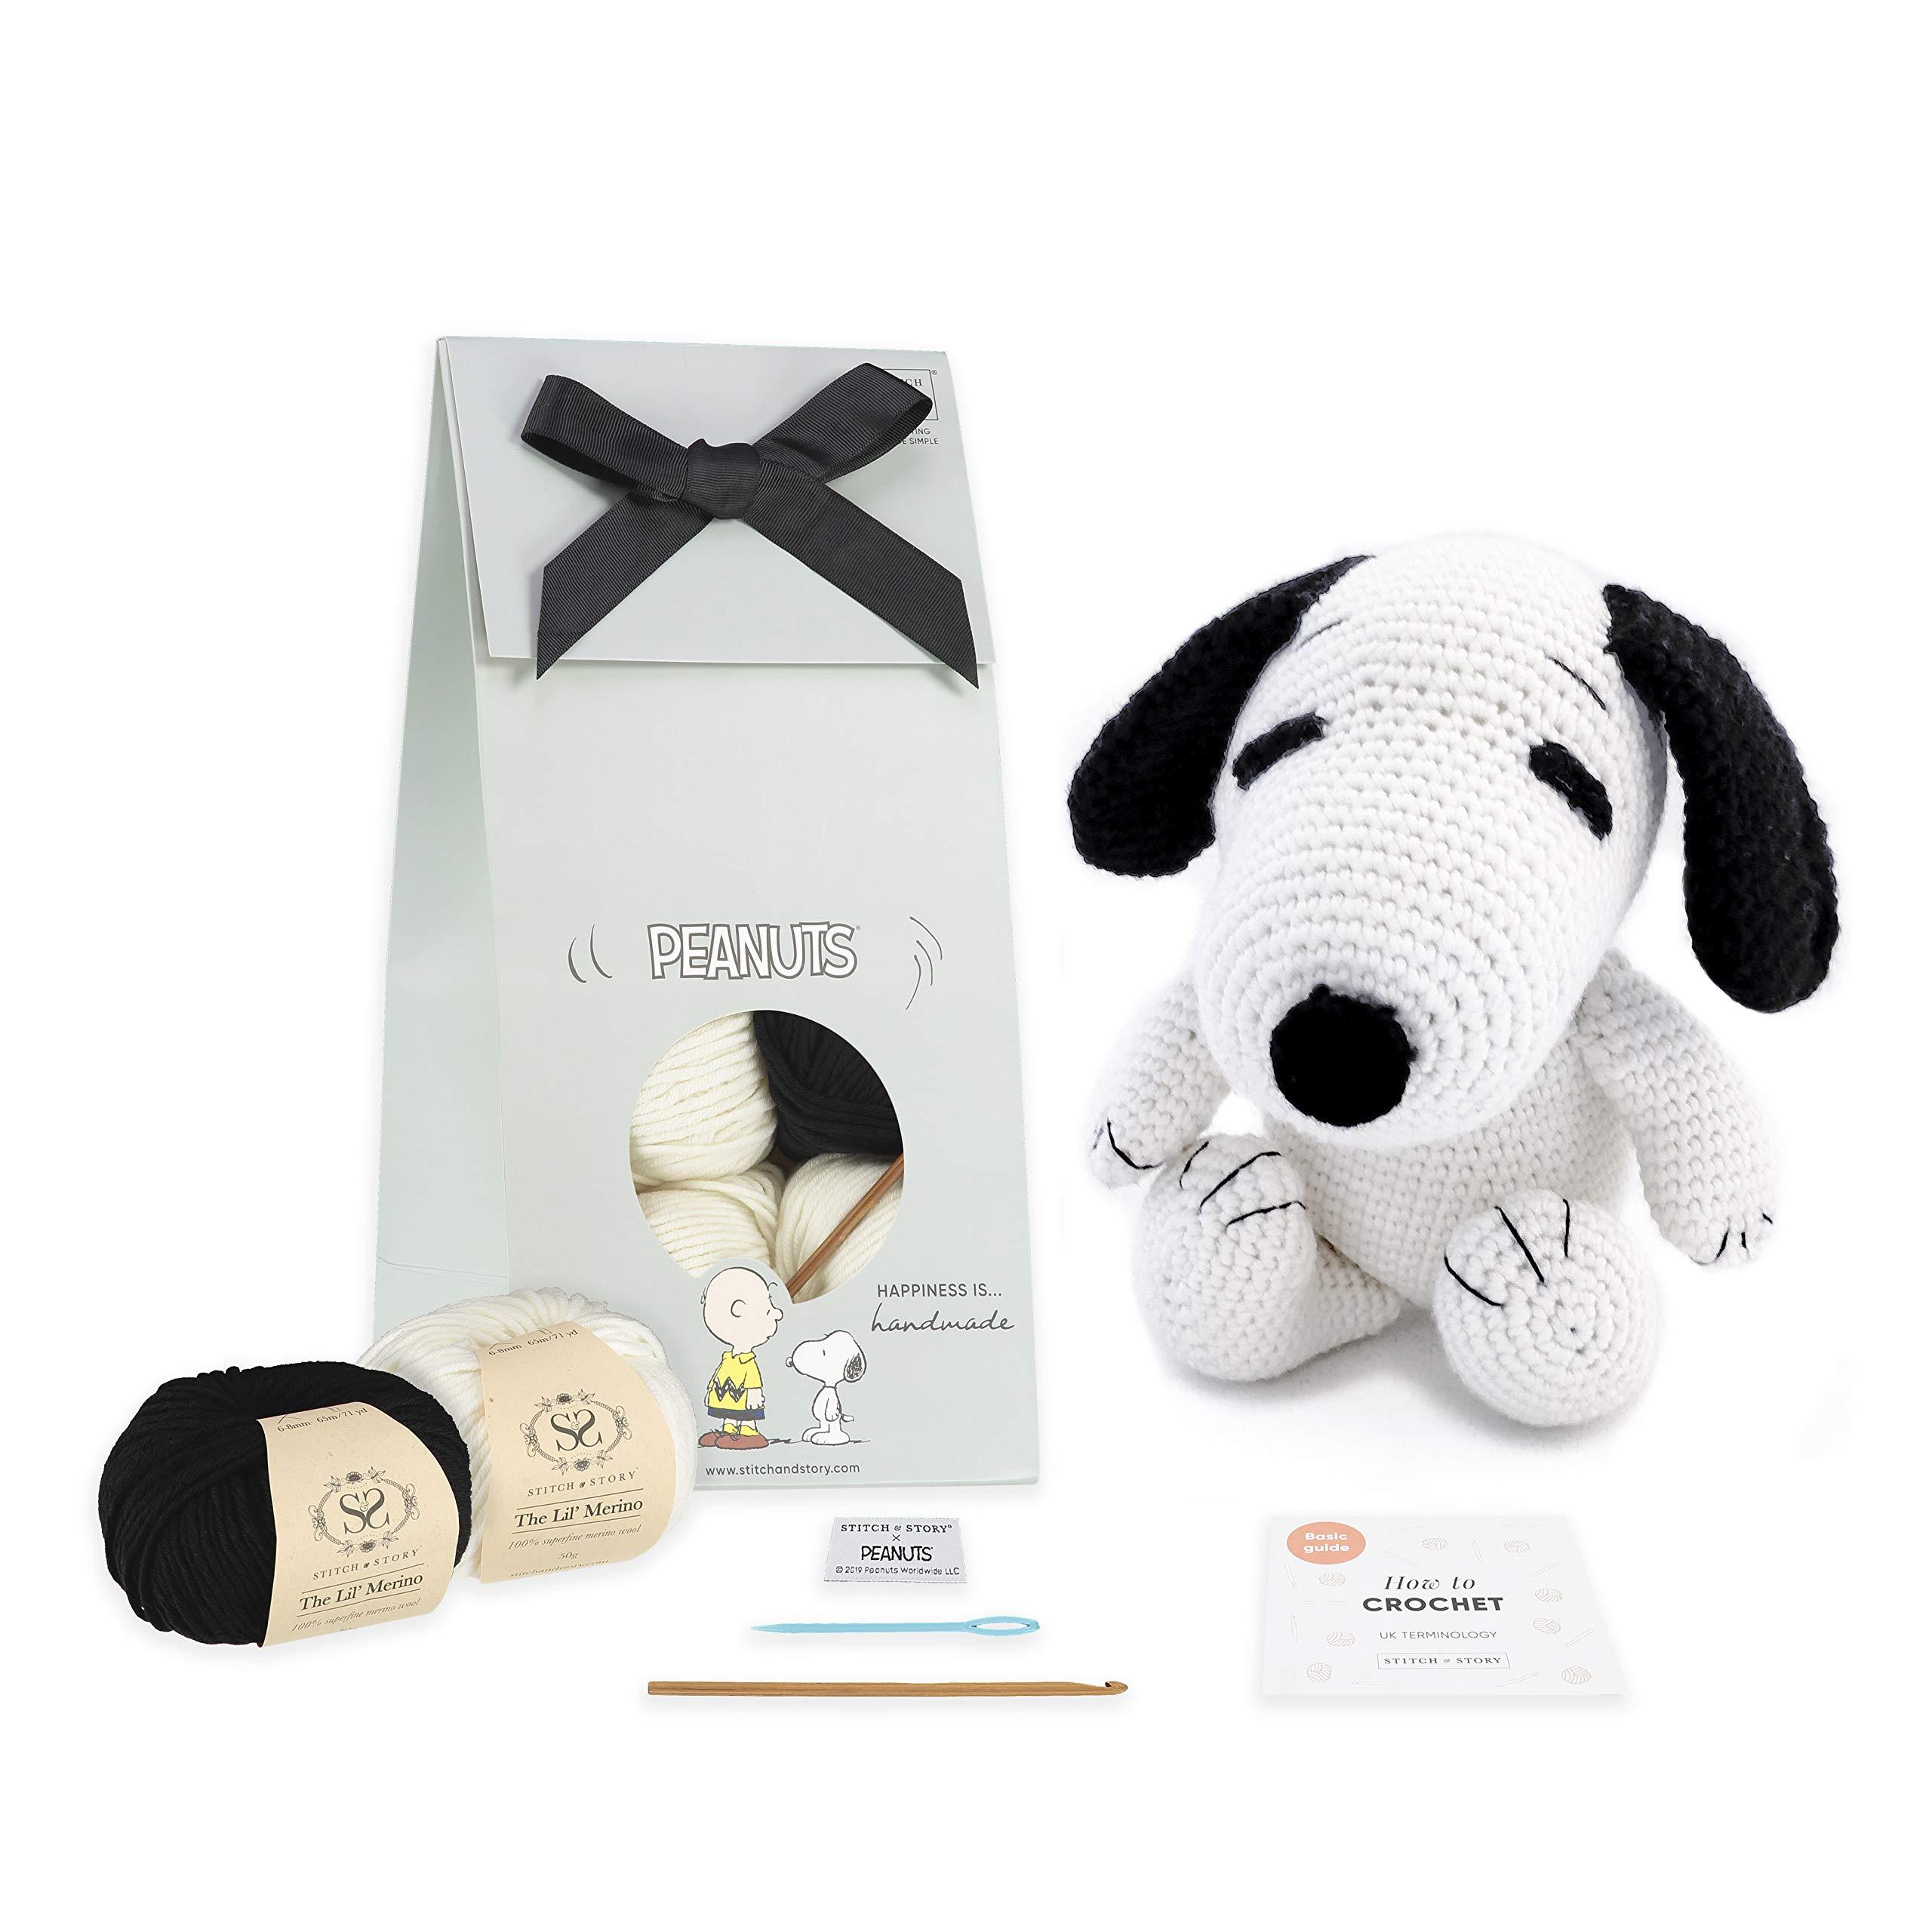 Crochet Bunny Rabbit PATTERN Amigurumi beginner cute | Etsy | 2560x2560